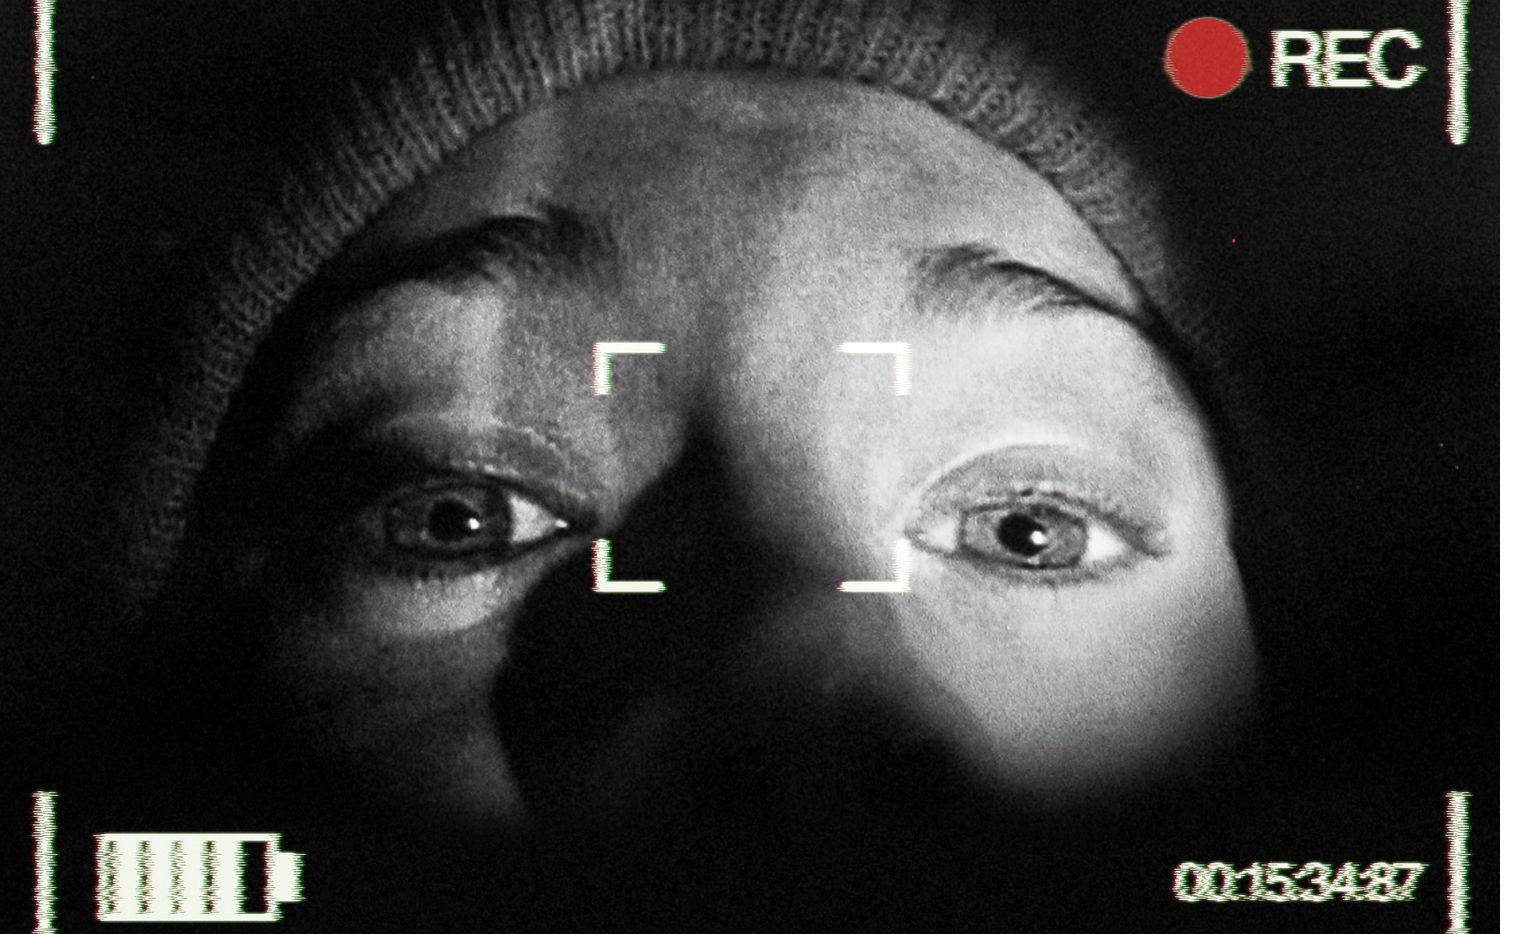 """REC es la saga """"found footage"""" en español más importante. Sus cuatro películas han generado poco más de 60 millones de dólares a nivel mundial. Inspiró dos remakes en inglés."""